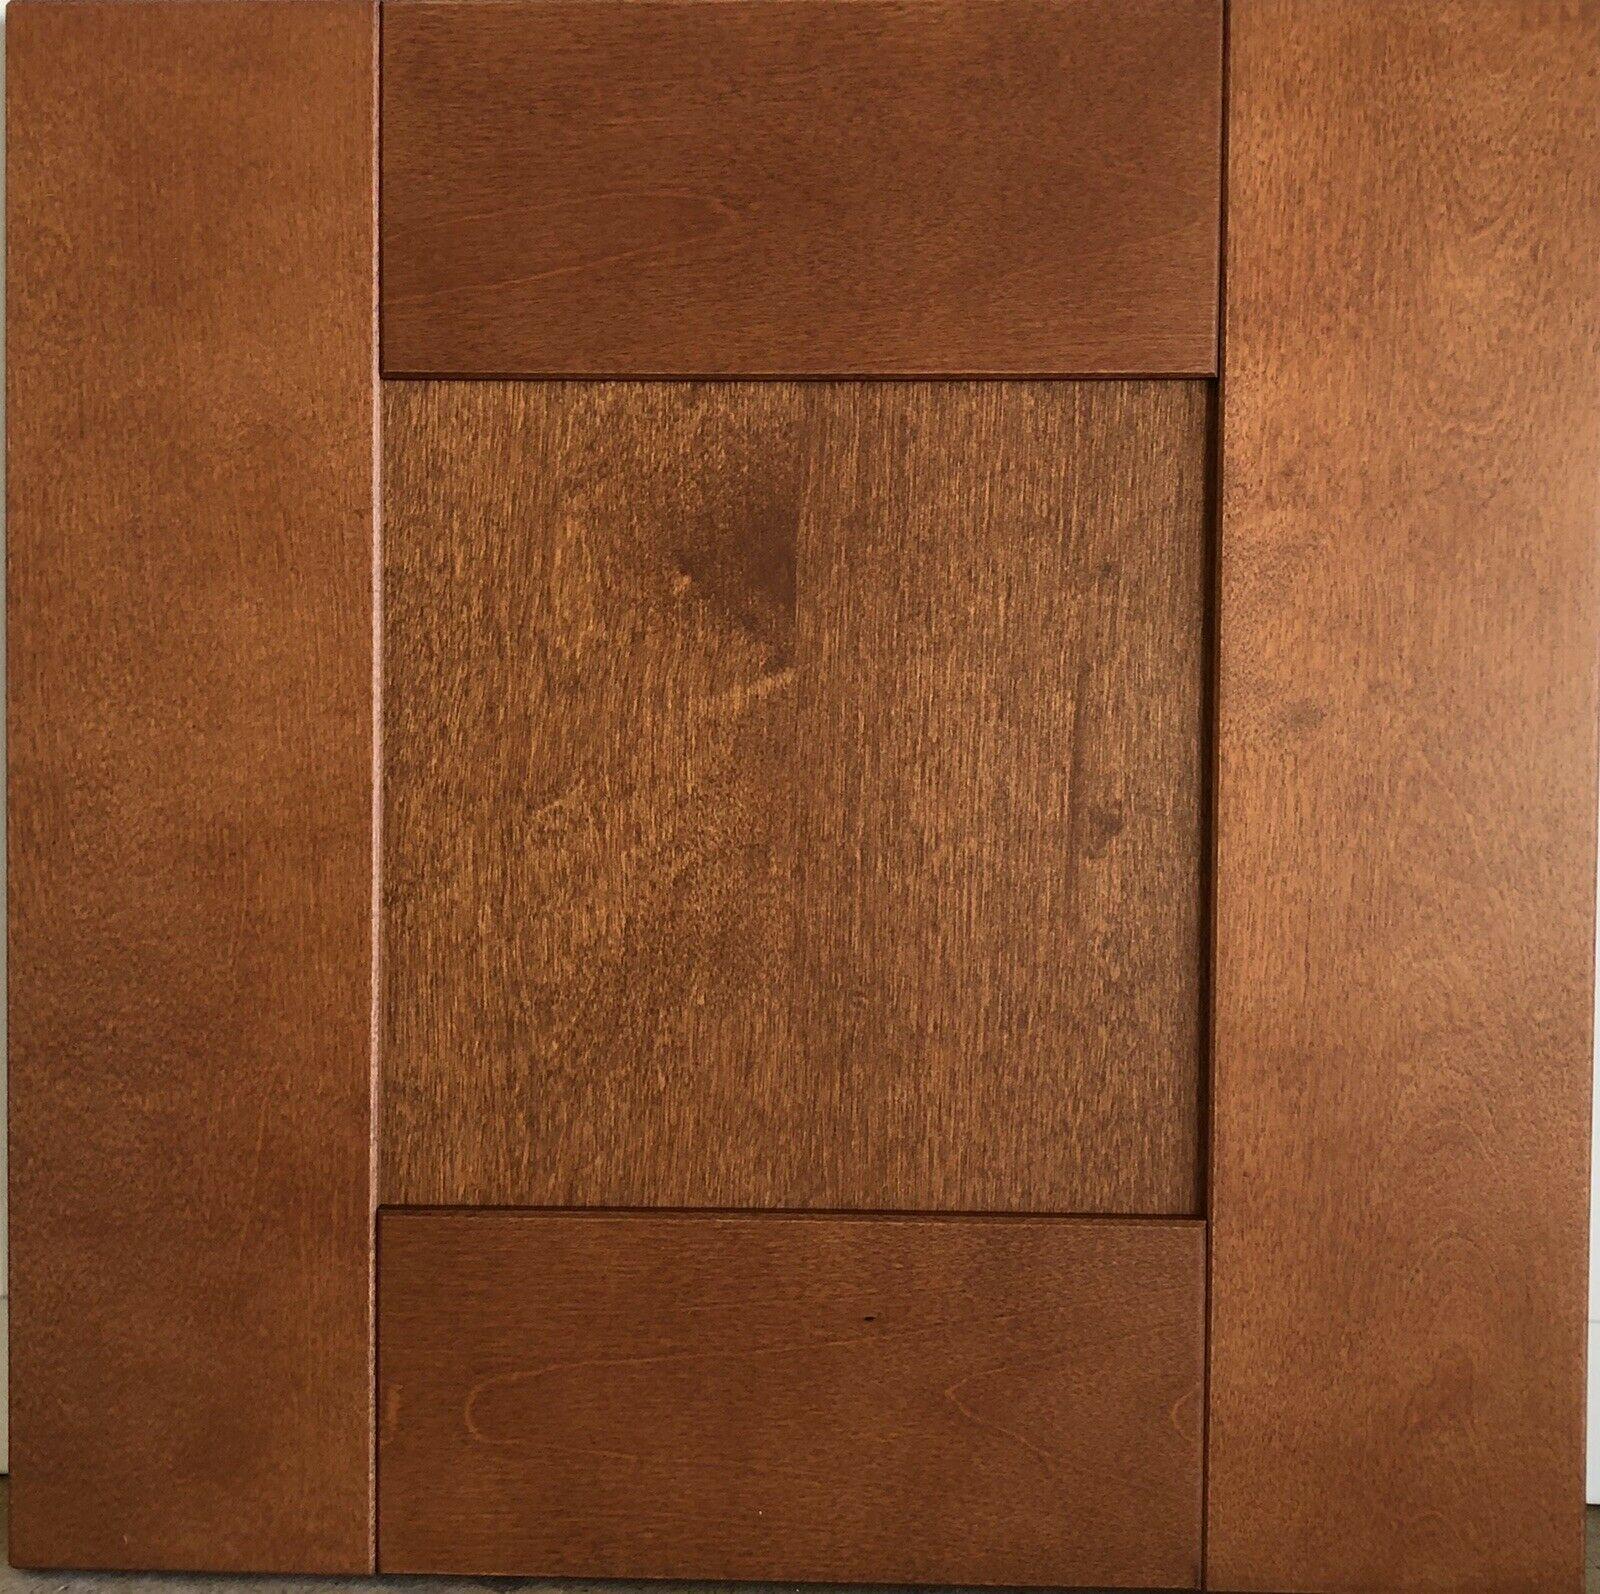 Ikea Cabinet Doors Kitchen Cabinets Brown Doors Ikea